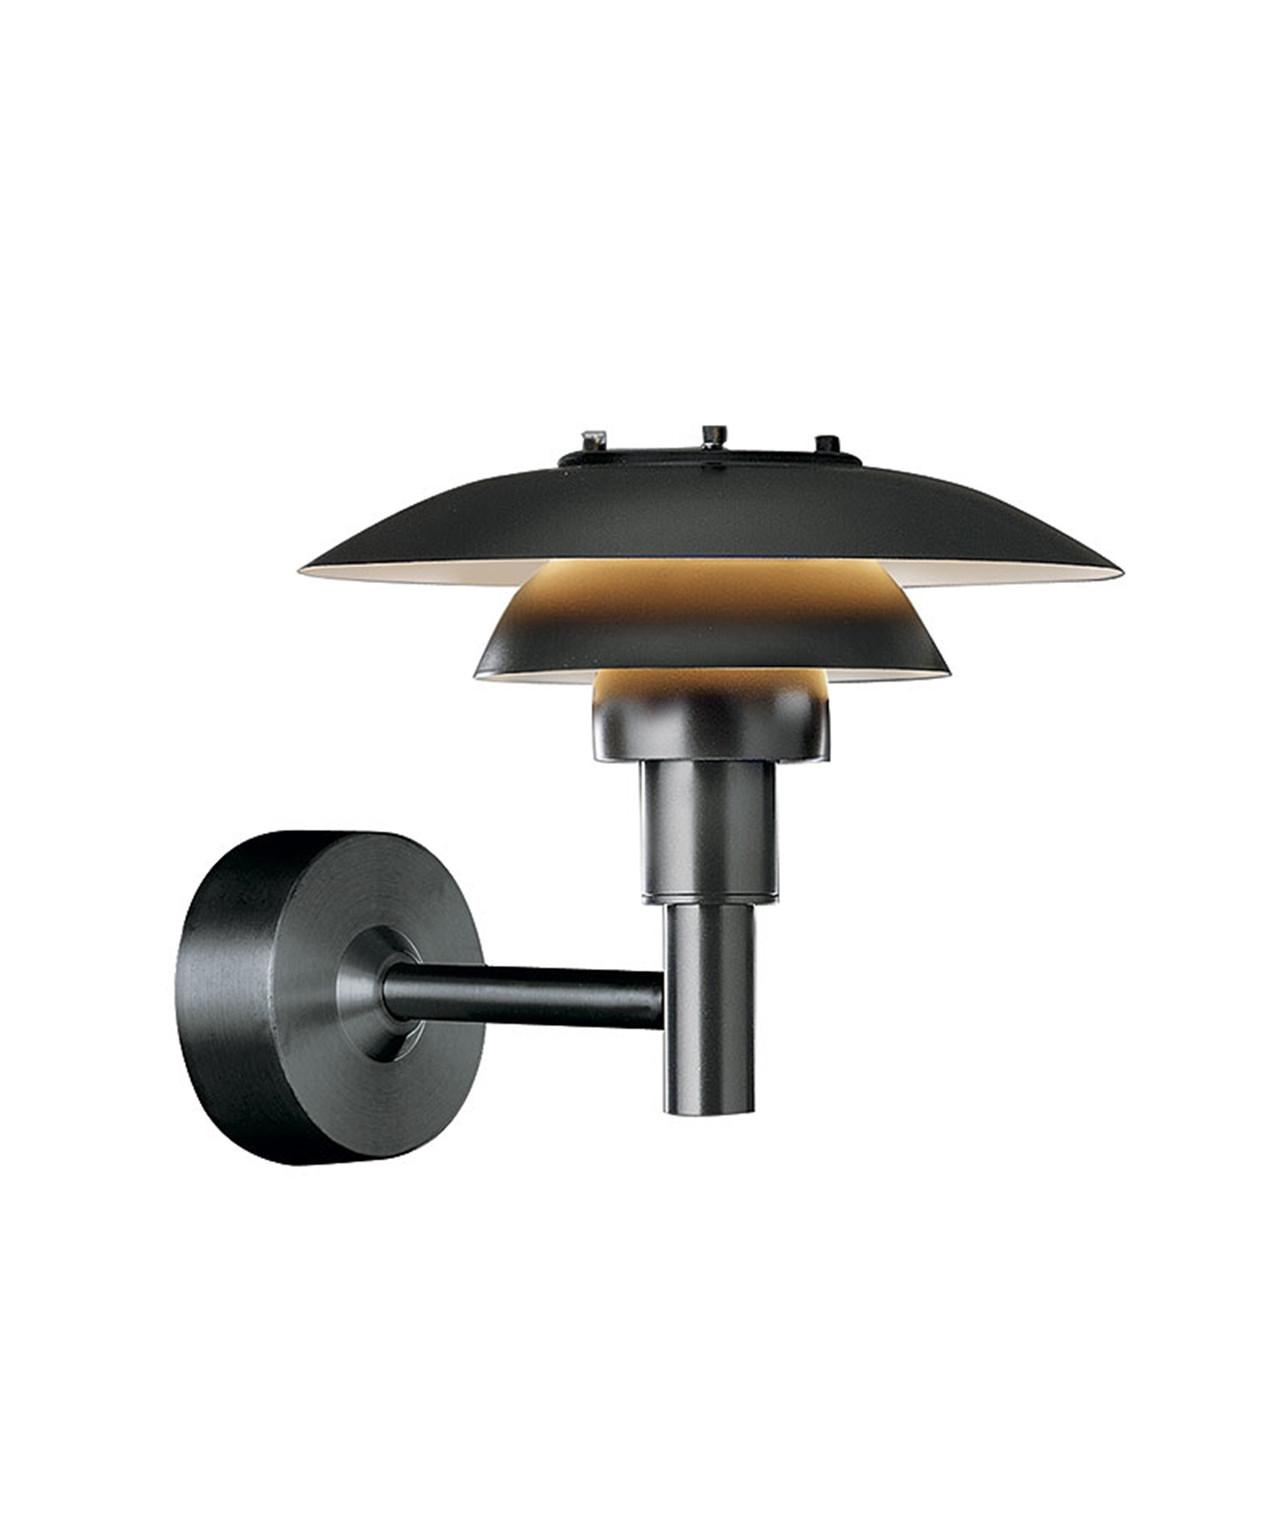 DesignPoul Henningsen for Louis Poulsen  Koncept PH 3-2½ Væg er medlem af 3-skærmsfamilien, der i dag tæller 20 lamper, heraf 3 til udendørs brug. Poul Henningsen designede 3-skærmssystemet allerede i 1925-1926, hvor PH i samarbejde med Louis Poulsen tegnede de første lamper til en udstilling i Paris. Gennem hele sit liv søgte PH at skabe det blændfri lys, rette lyset hen, hvor der var brug for det og skabe bløde skygger. PH designede således ikke blot en lampe, men et helt system, og der blev igennem årene produceret omkring tusind forskellige modeller. PH lampernes numre refererer til skærmstørrelsen. PH 3-2½ væg består af en overskærm på ca. 30 cm. PH 3-2½ væg blev introduceret i 2005. Når form og funktion også skal forkæles udendørs, er det klassiske 3-skærmssystem et god bud. PH 3-2½ Væg udsender primært nedadrettet lys. PH 3-2½ Væglampen er designet ud fra princippet om et reflekterende flerskærmssystem, som skaber harmonisk og blændfri belysning. Skærmdesignet er baseret på en l